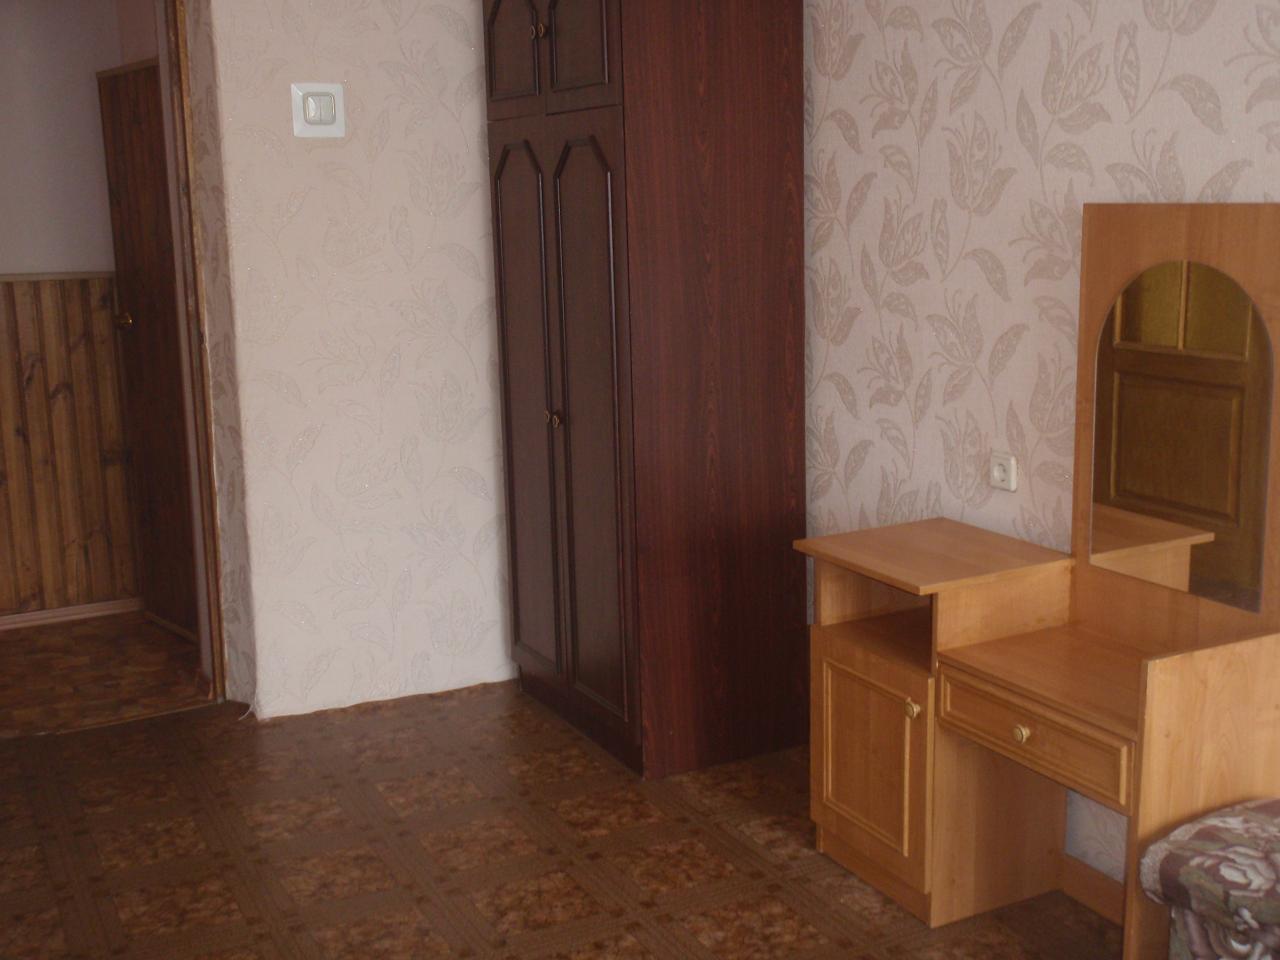 Миргород. Квартира с видом на курорт и пляж. Ремонт. Центр (10)